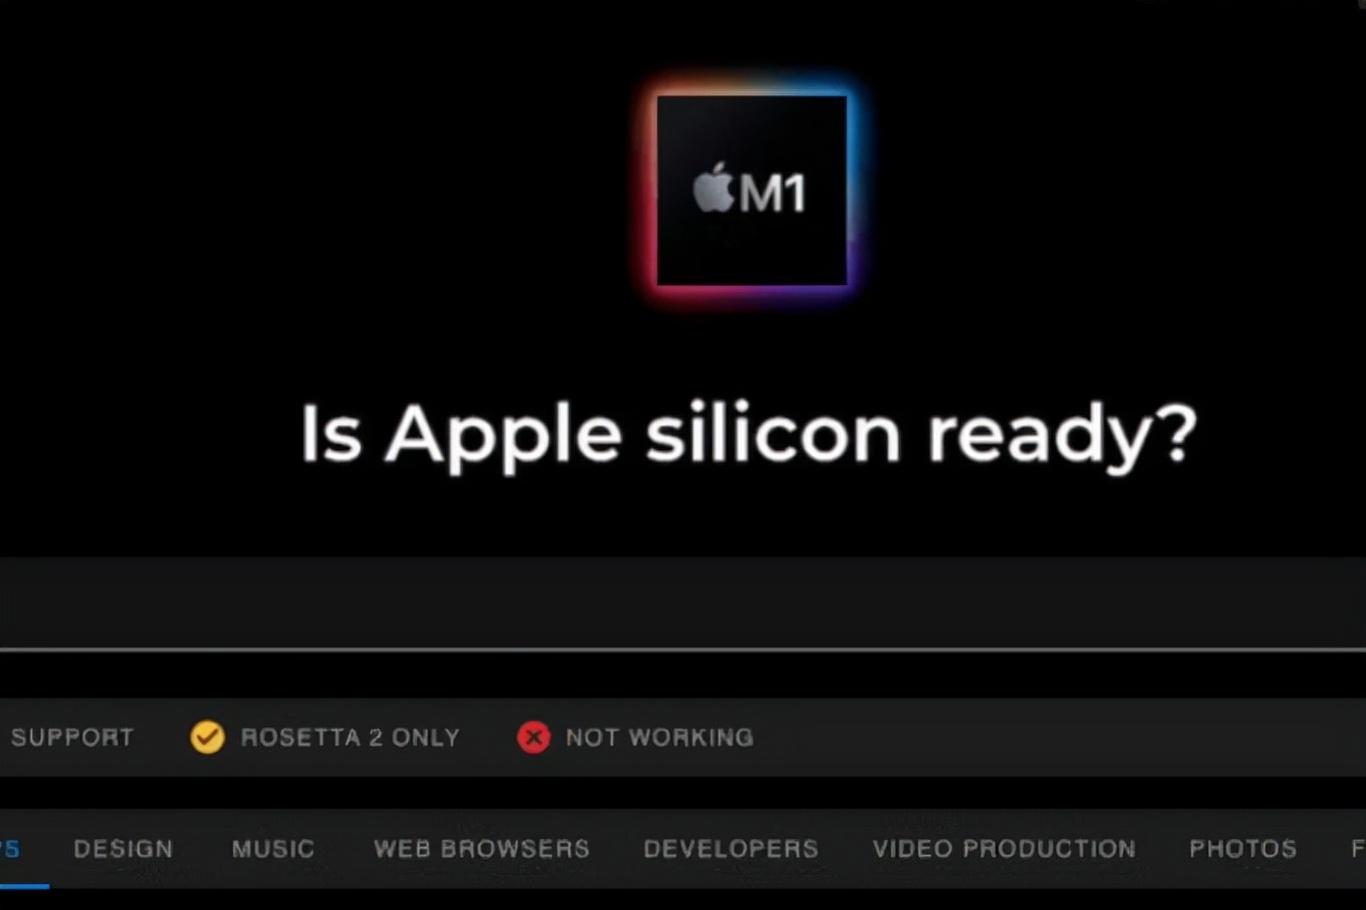 龙芯的希望:学苹果,通过指令转译,兼容windows、安卓生态